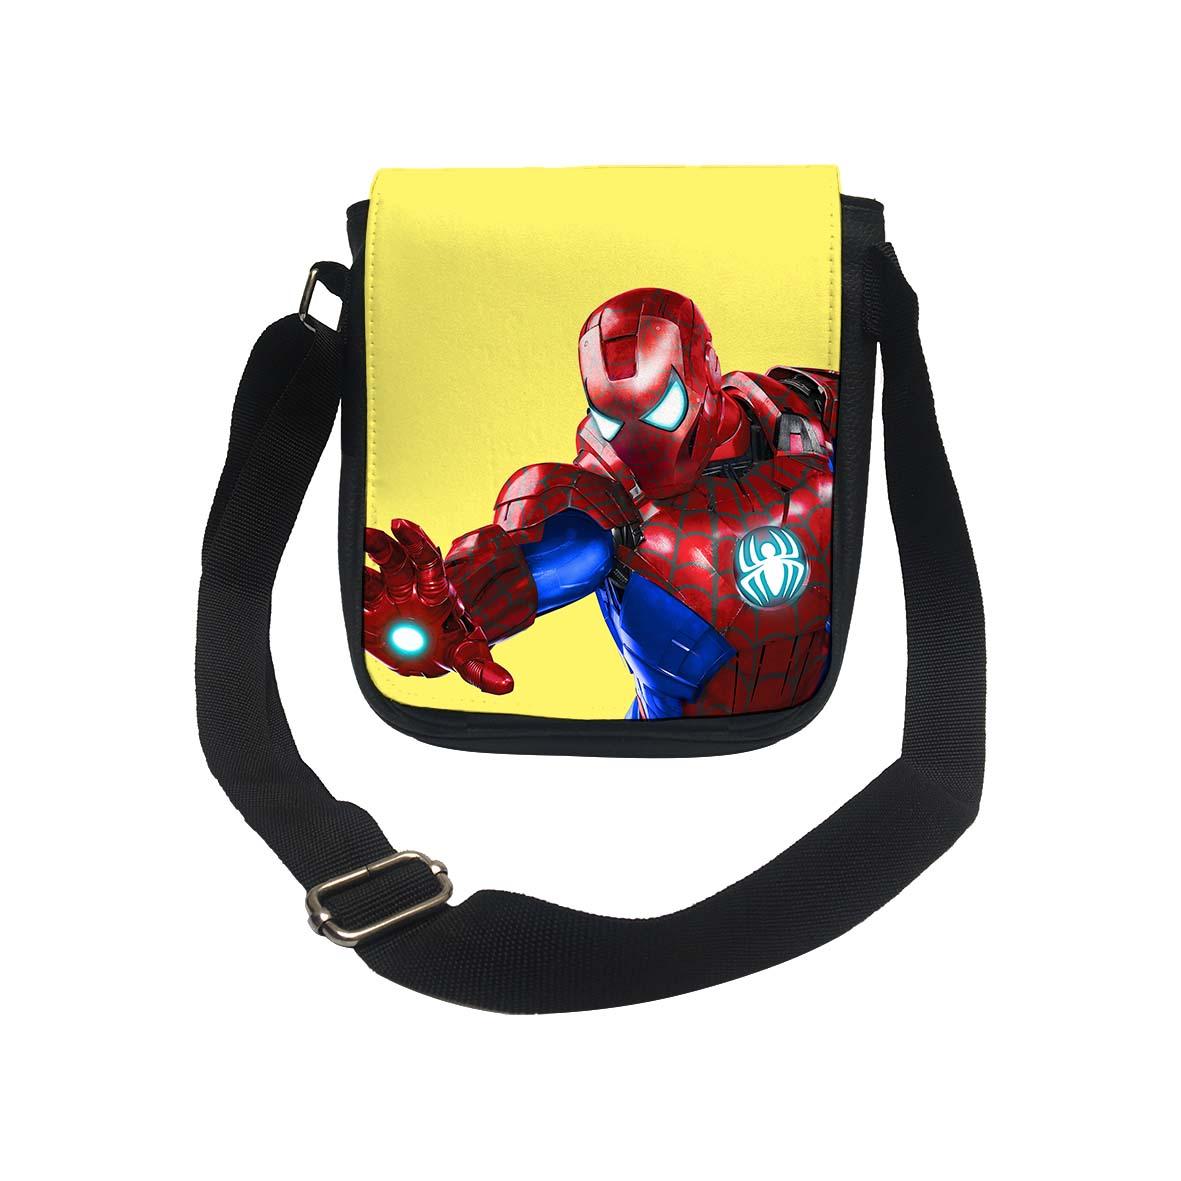 عکس کیف دوشی طرح مرد عنکبوتی کد k175